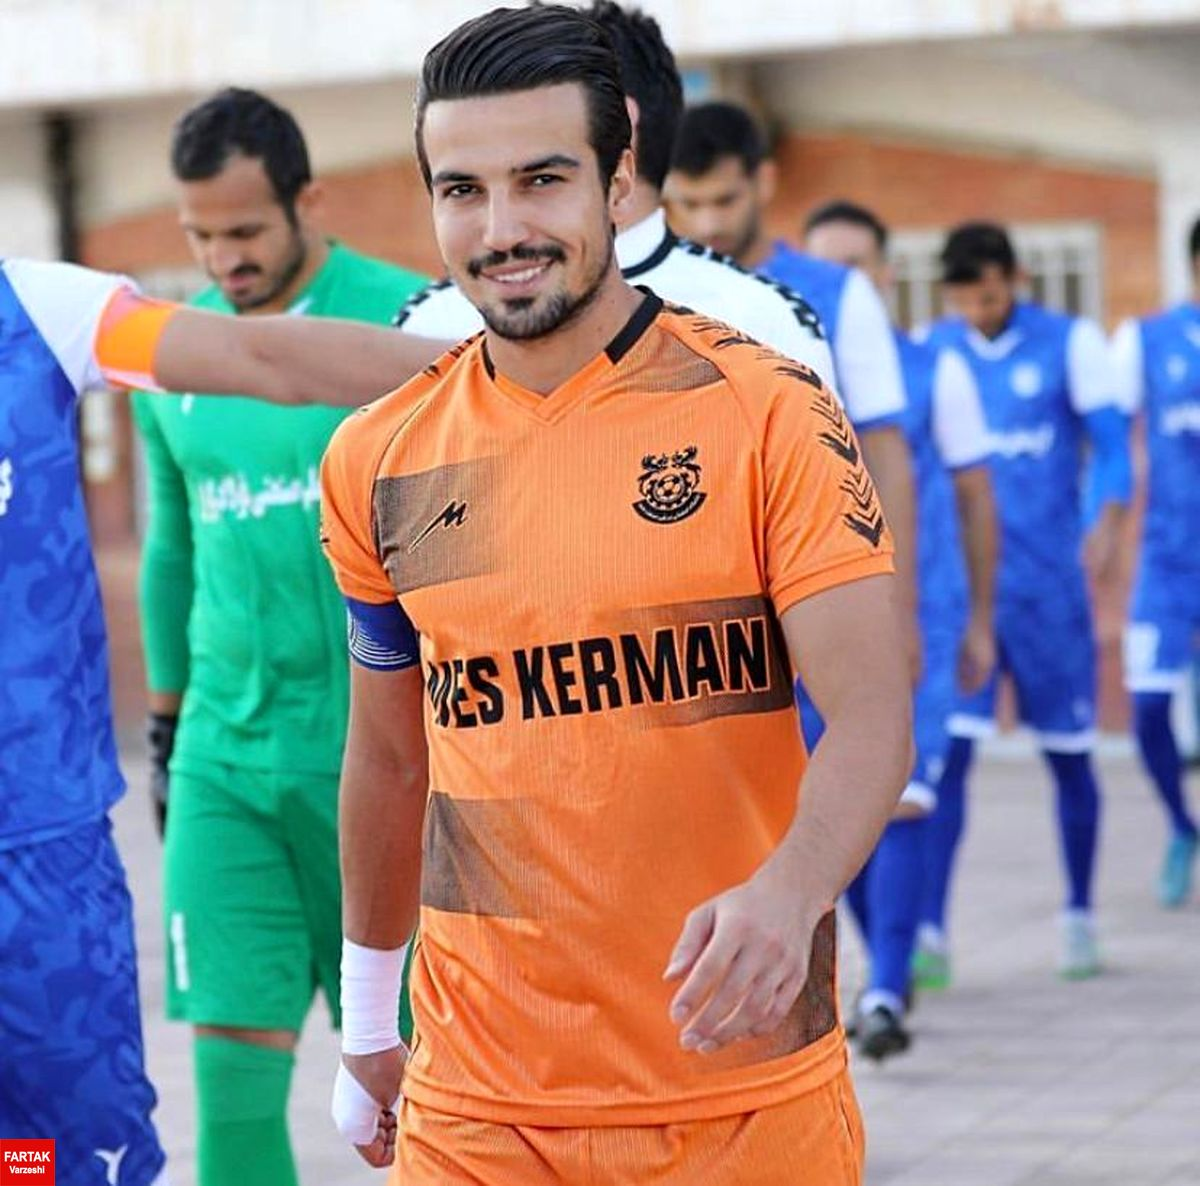 حسین حیدری از مس کرمان جدا شد